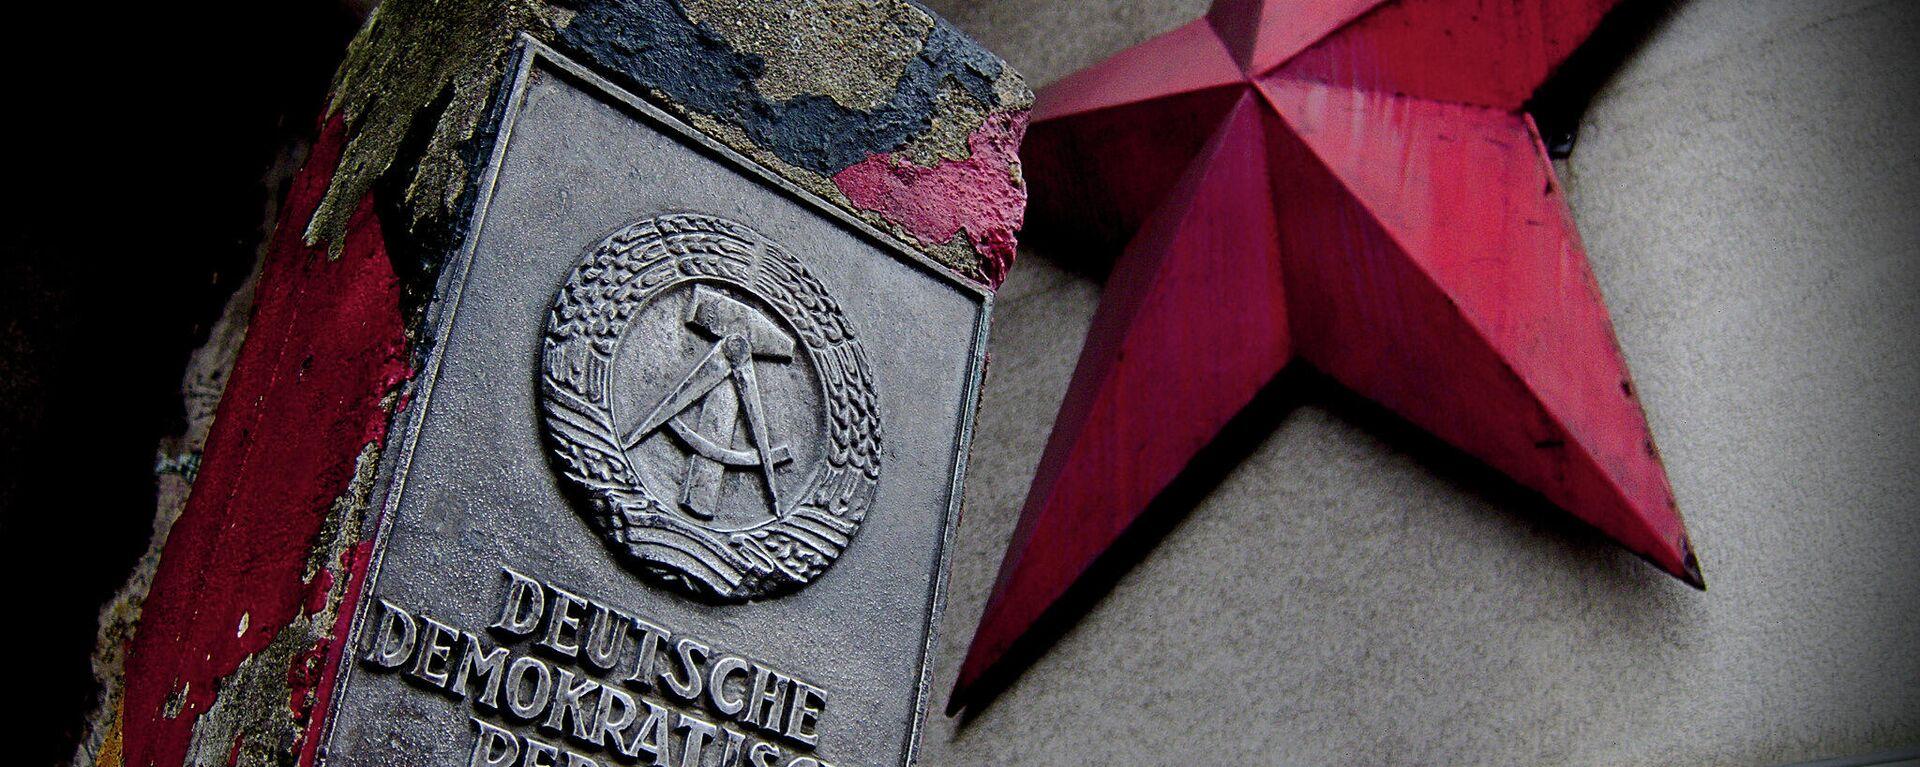 DDR (Symbolbild) - SNA, 1920, 17.06.2021